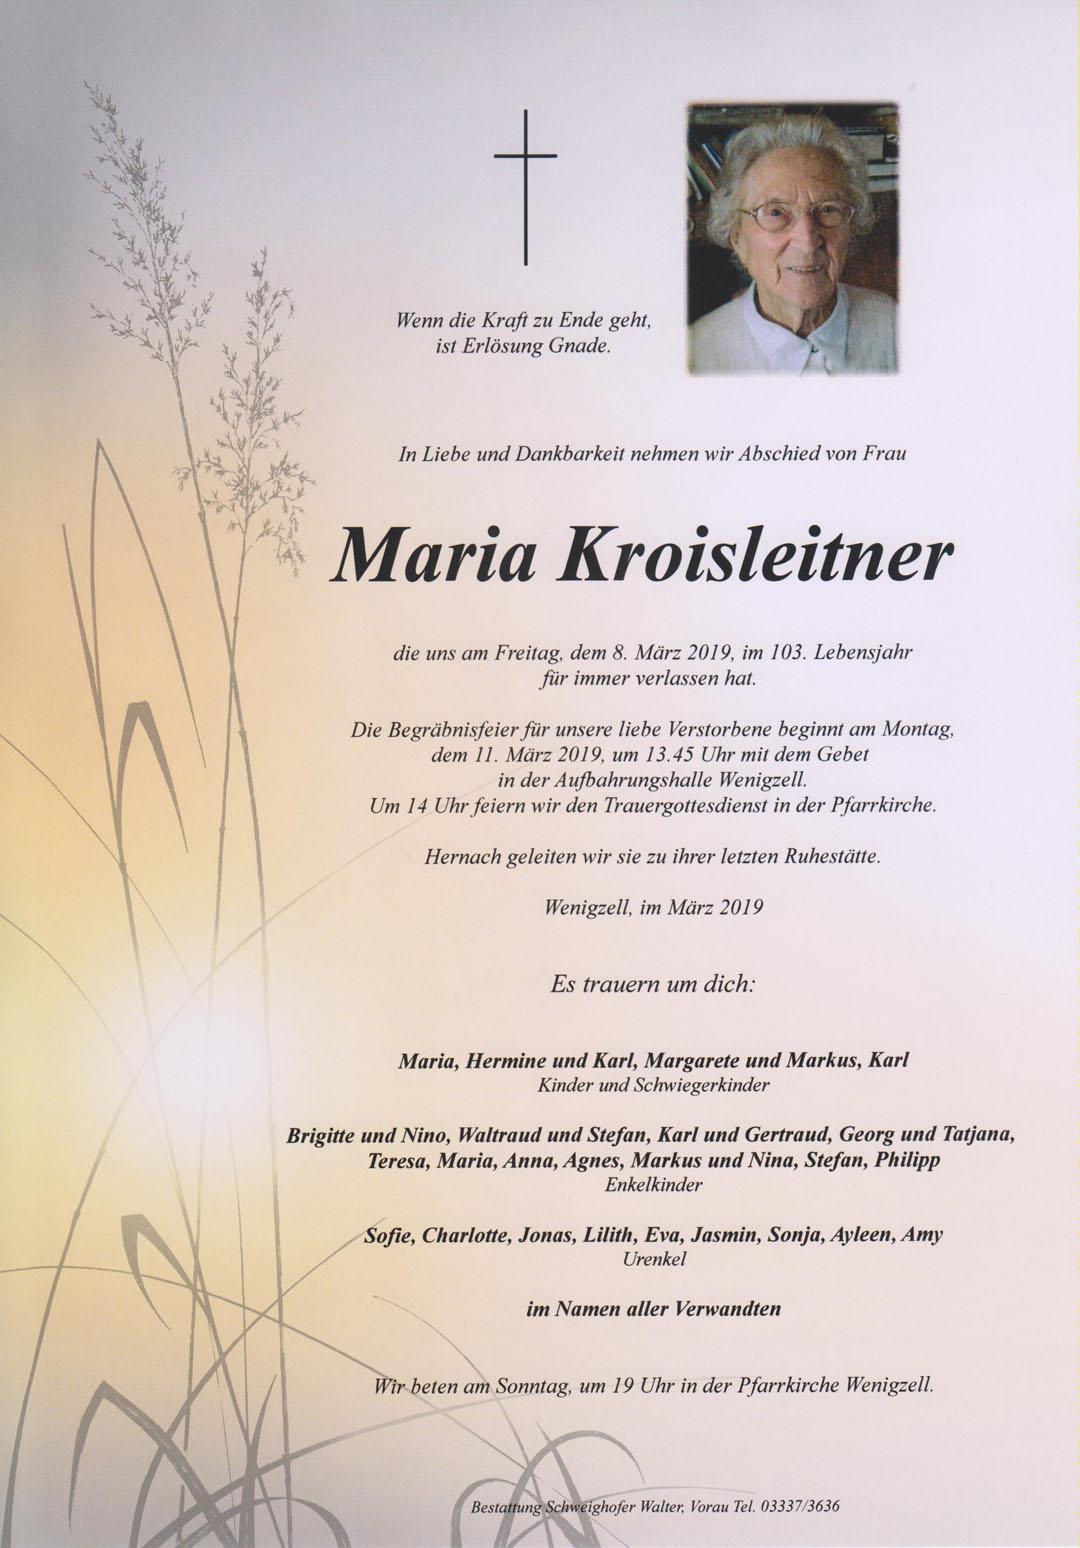 Maria Kroisleitner